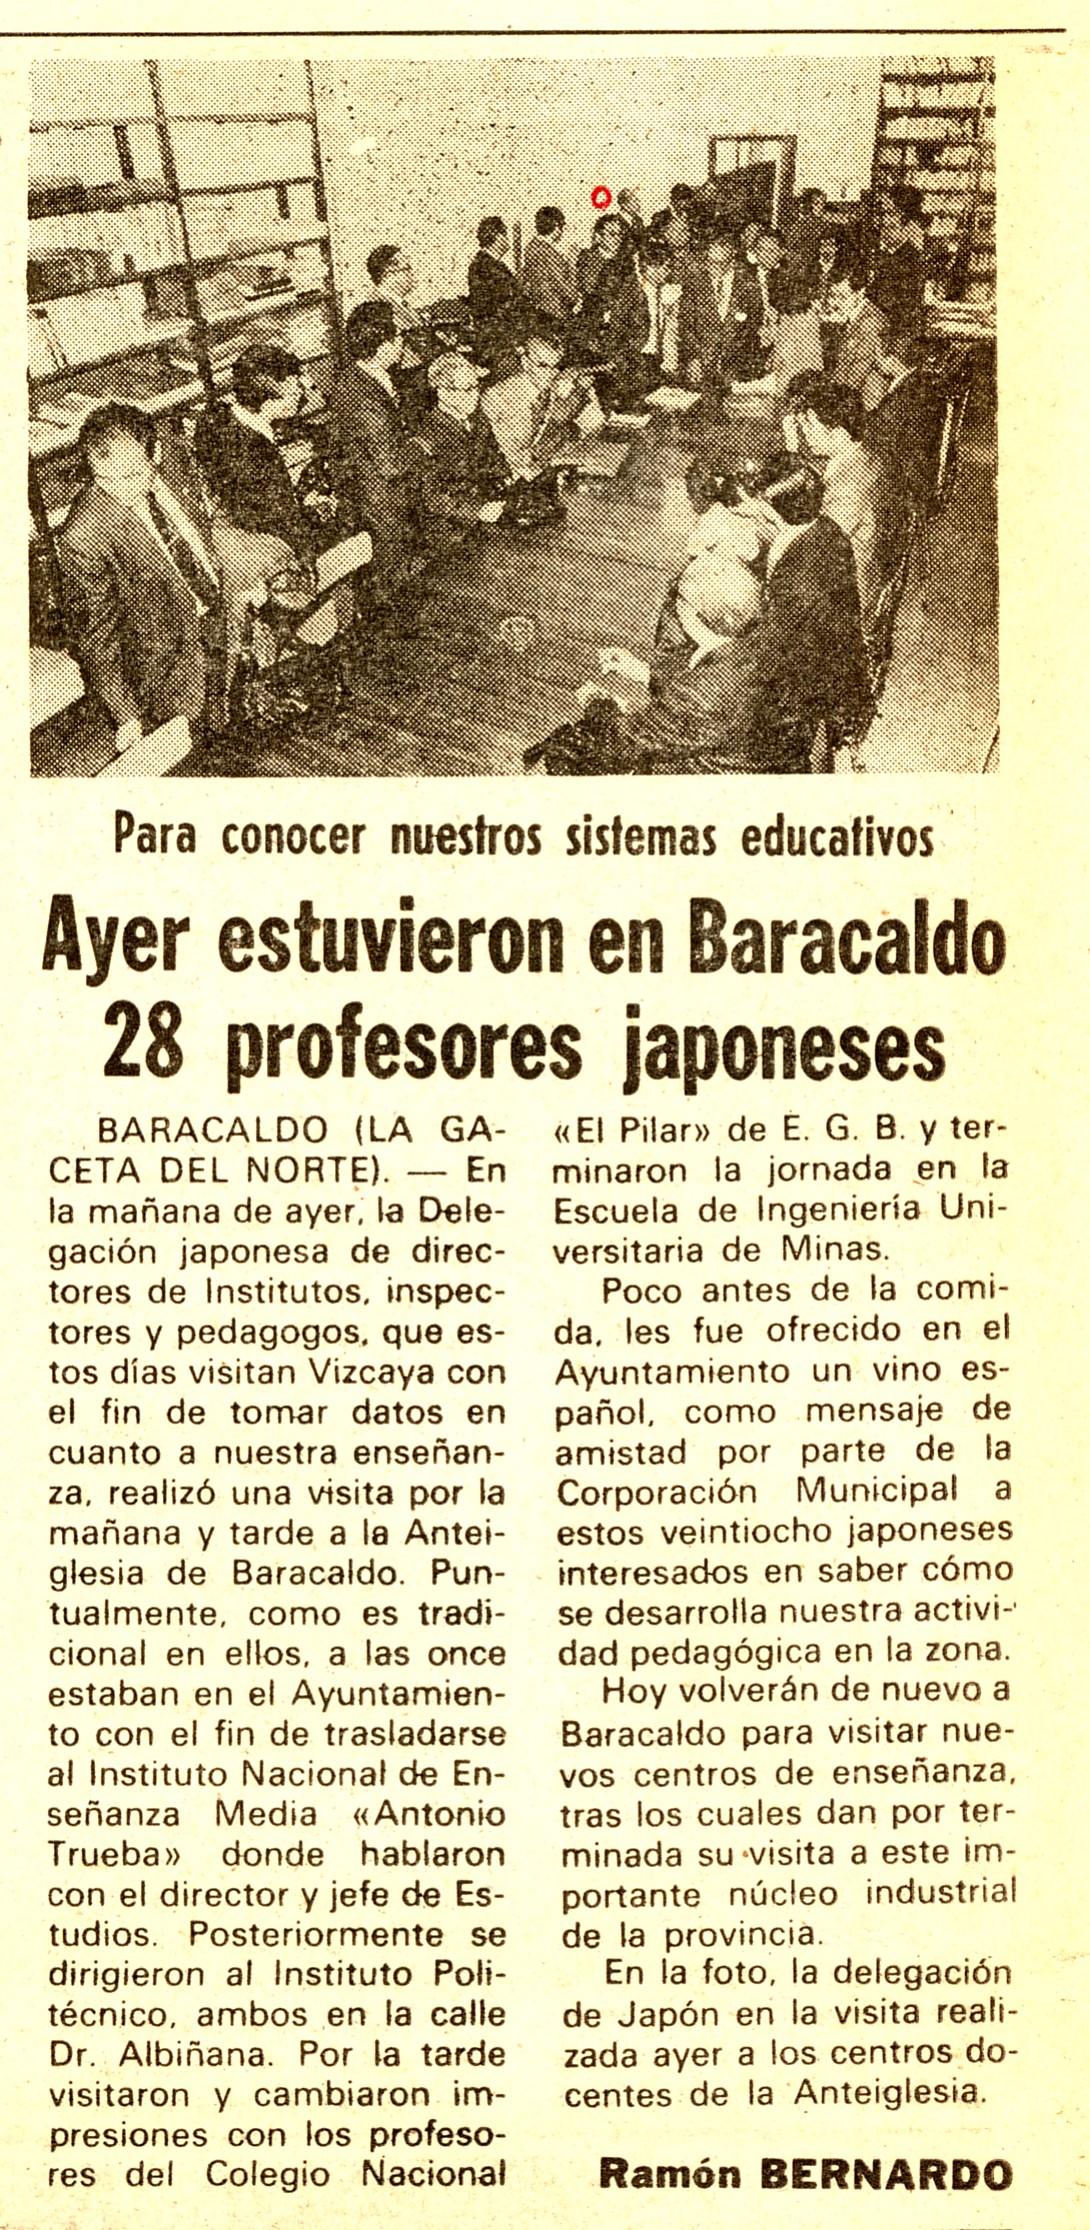 スペイン・ビルバオ市教育委員会訪問 'La Gaceta del Norte'紙1979年11月29日付